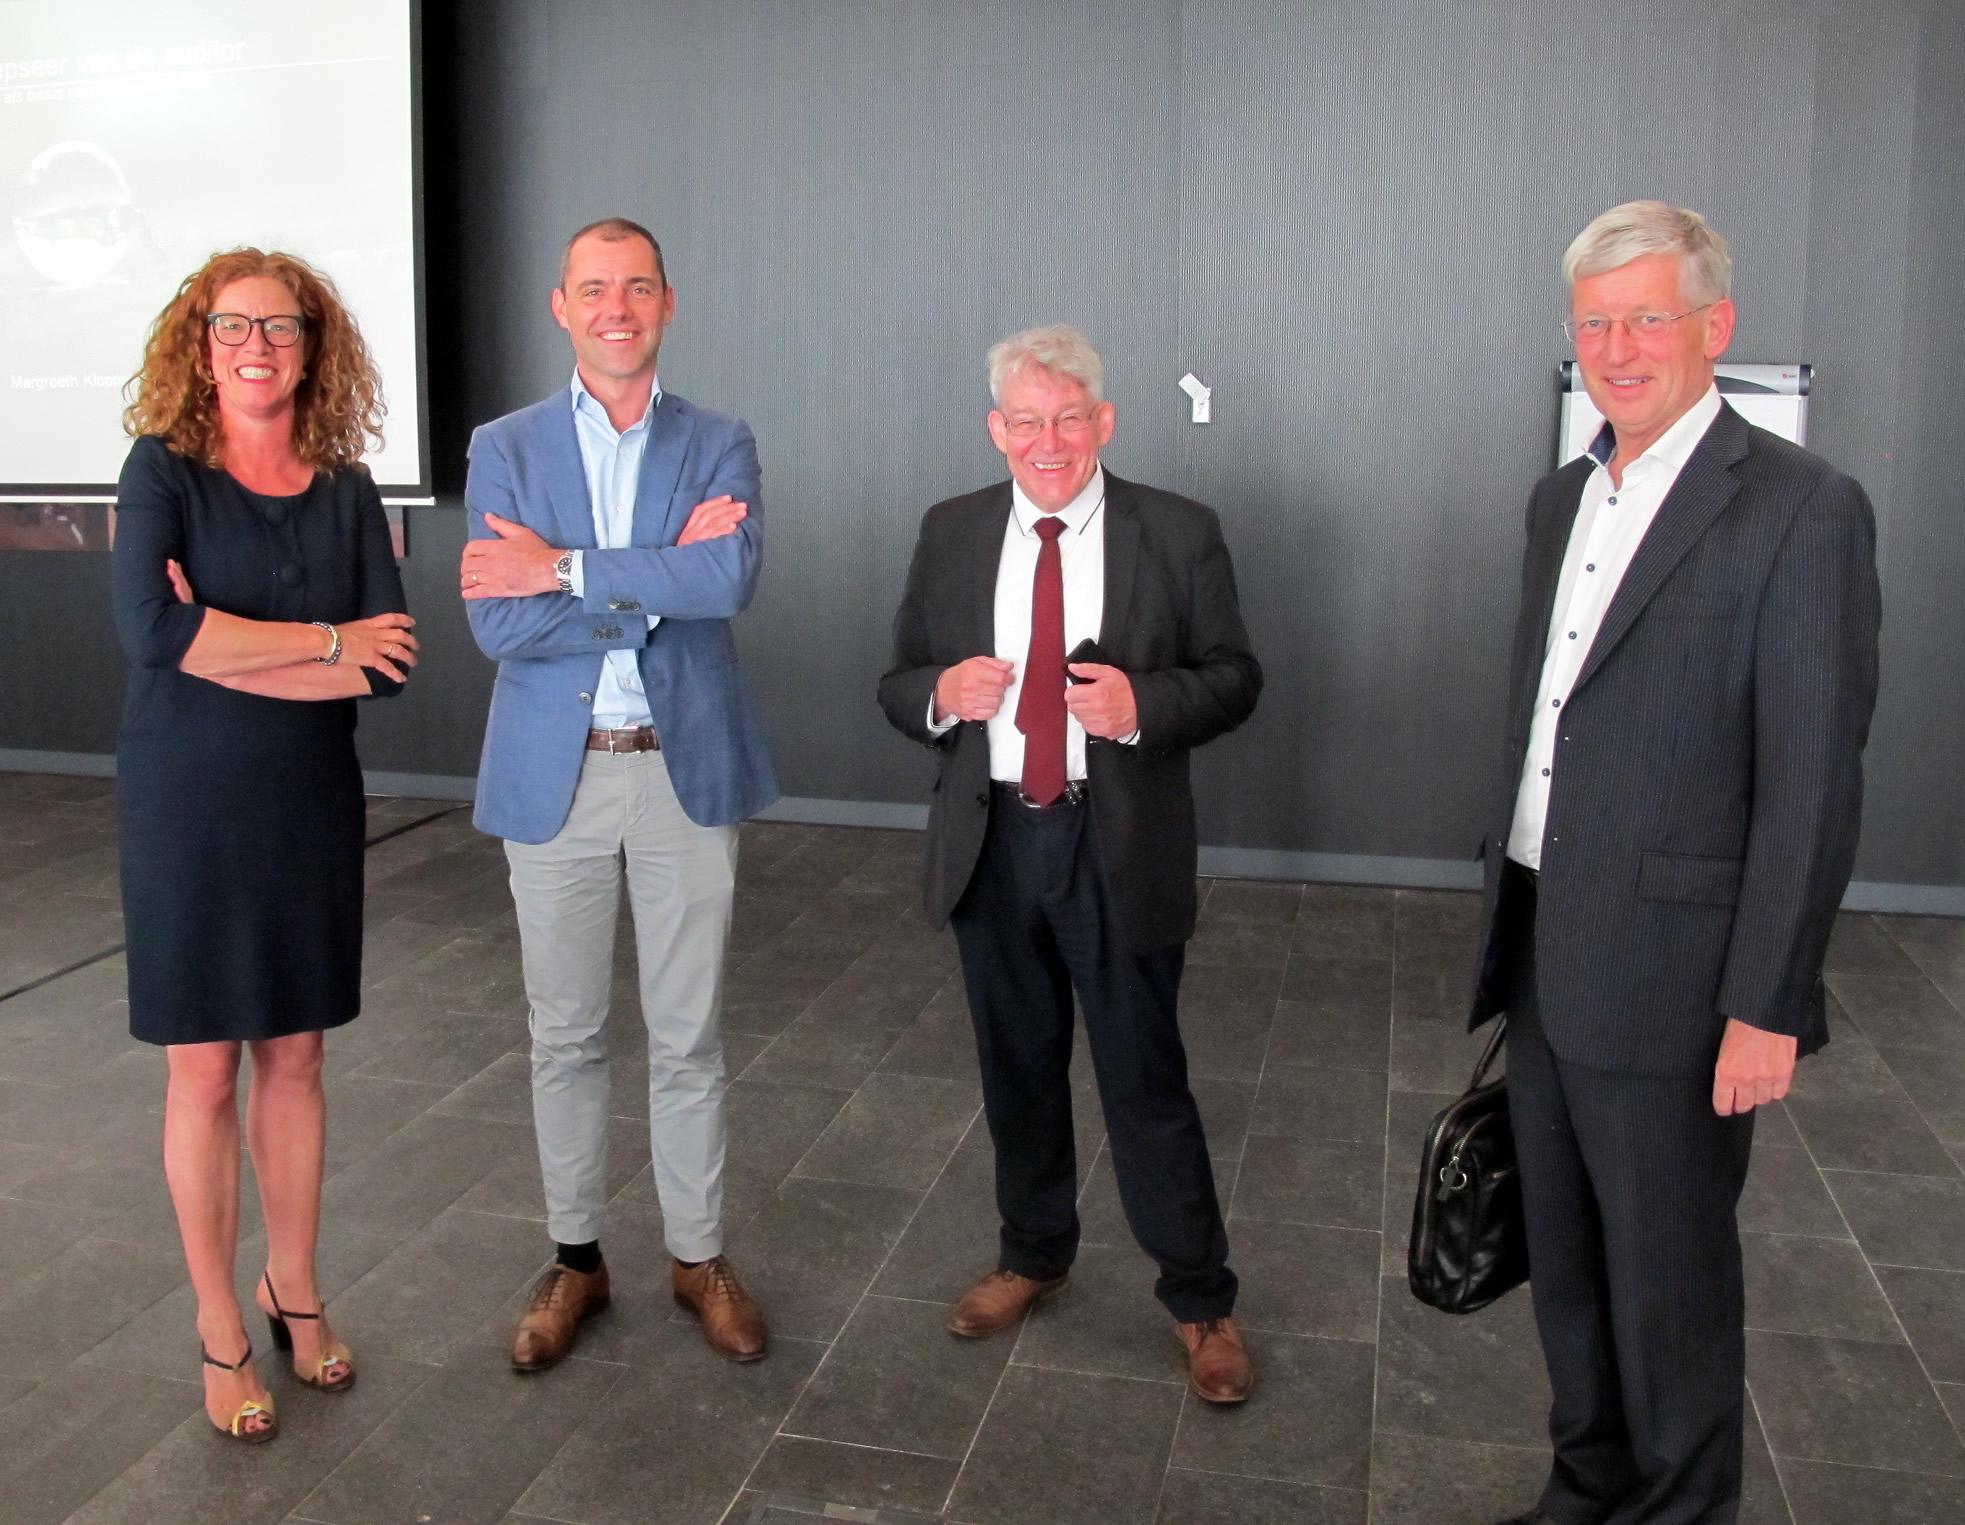 Verslag symposium 'De beroepseer van de auditor'